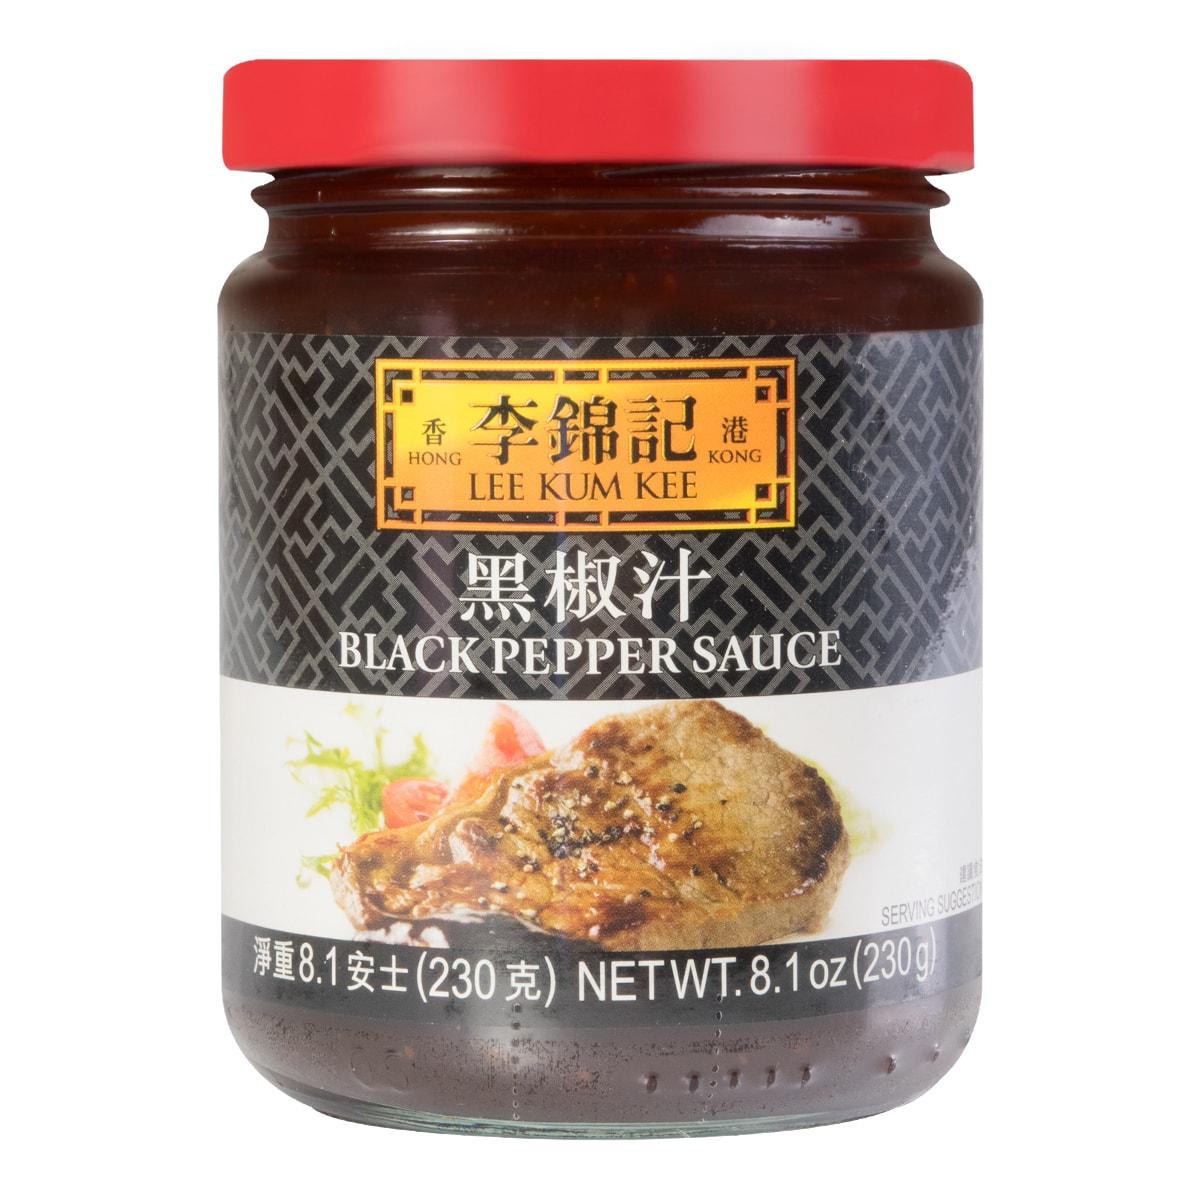 香港李锦记 黑椒汁 230g